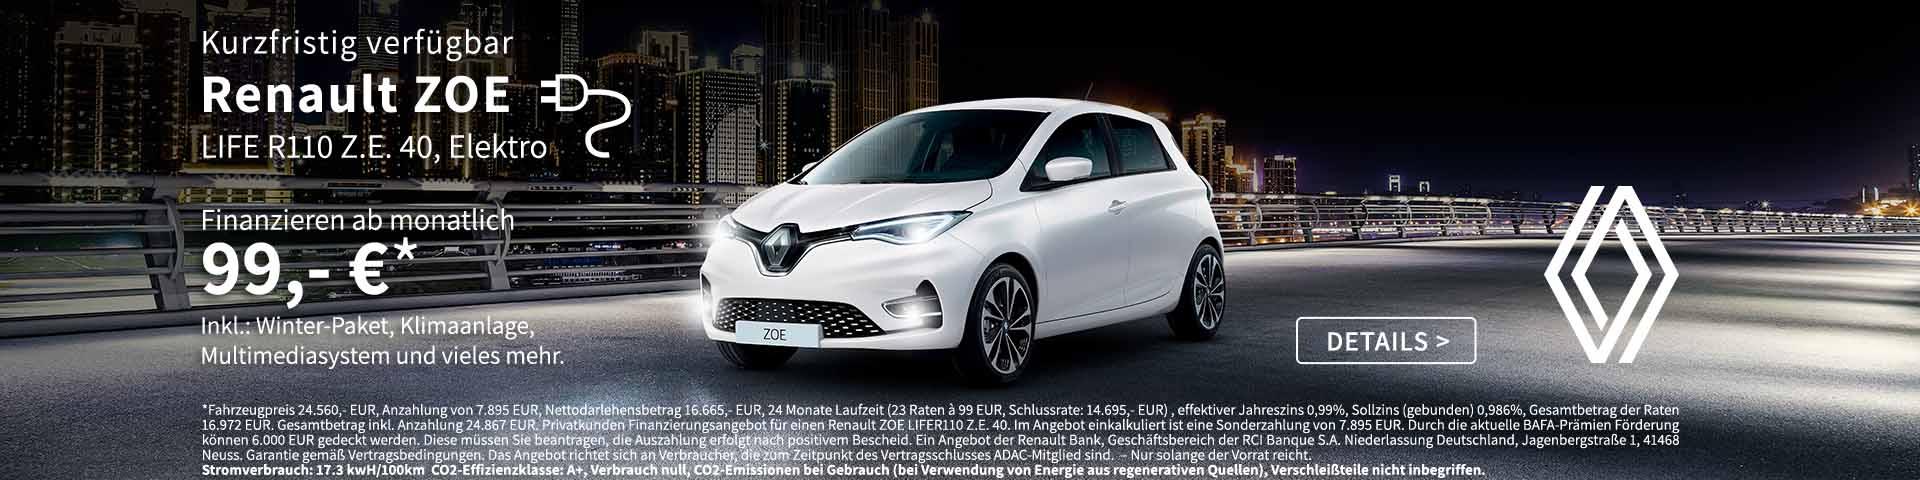 ZOE günstig finanzieren - Preckel Automobile